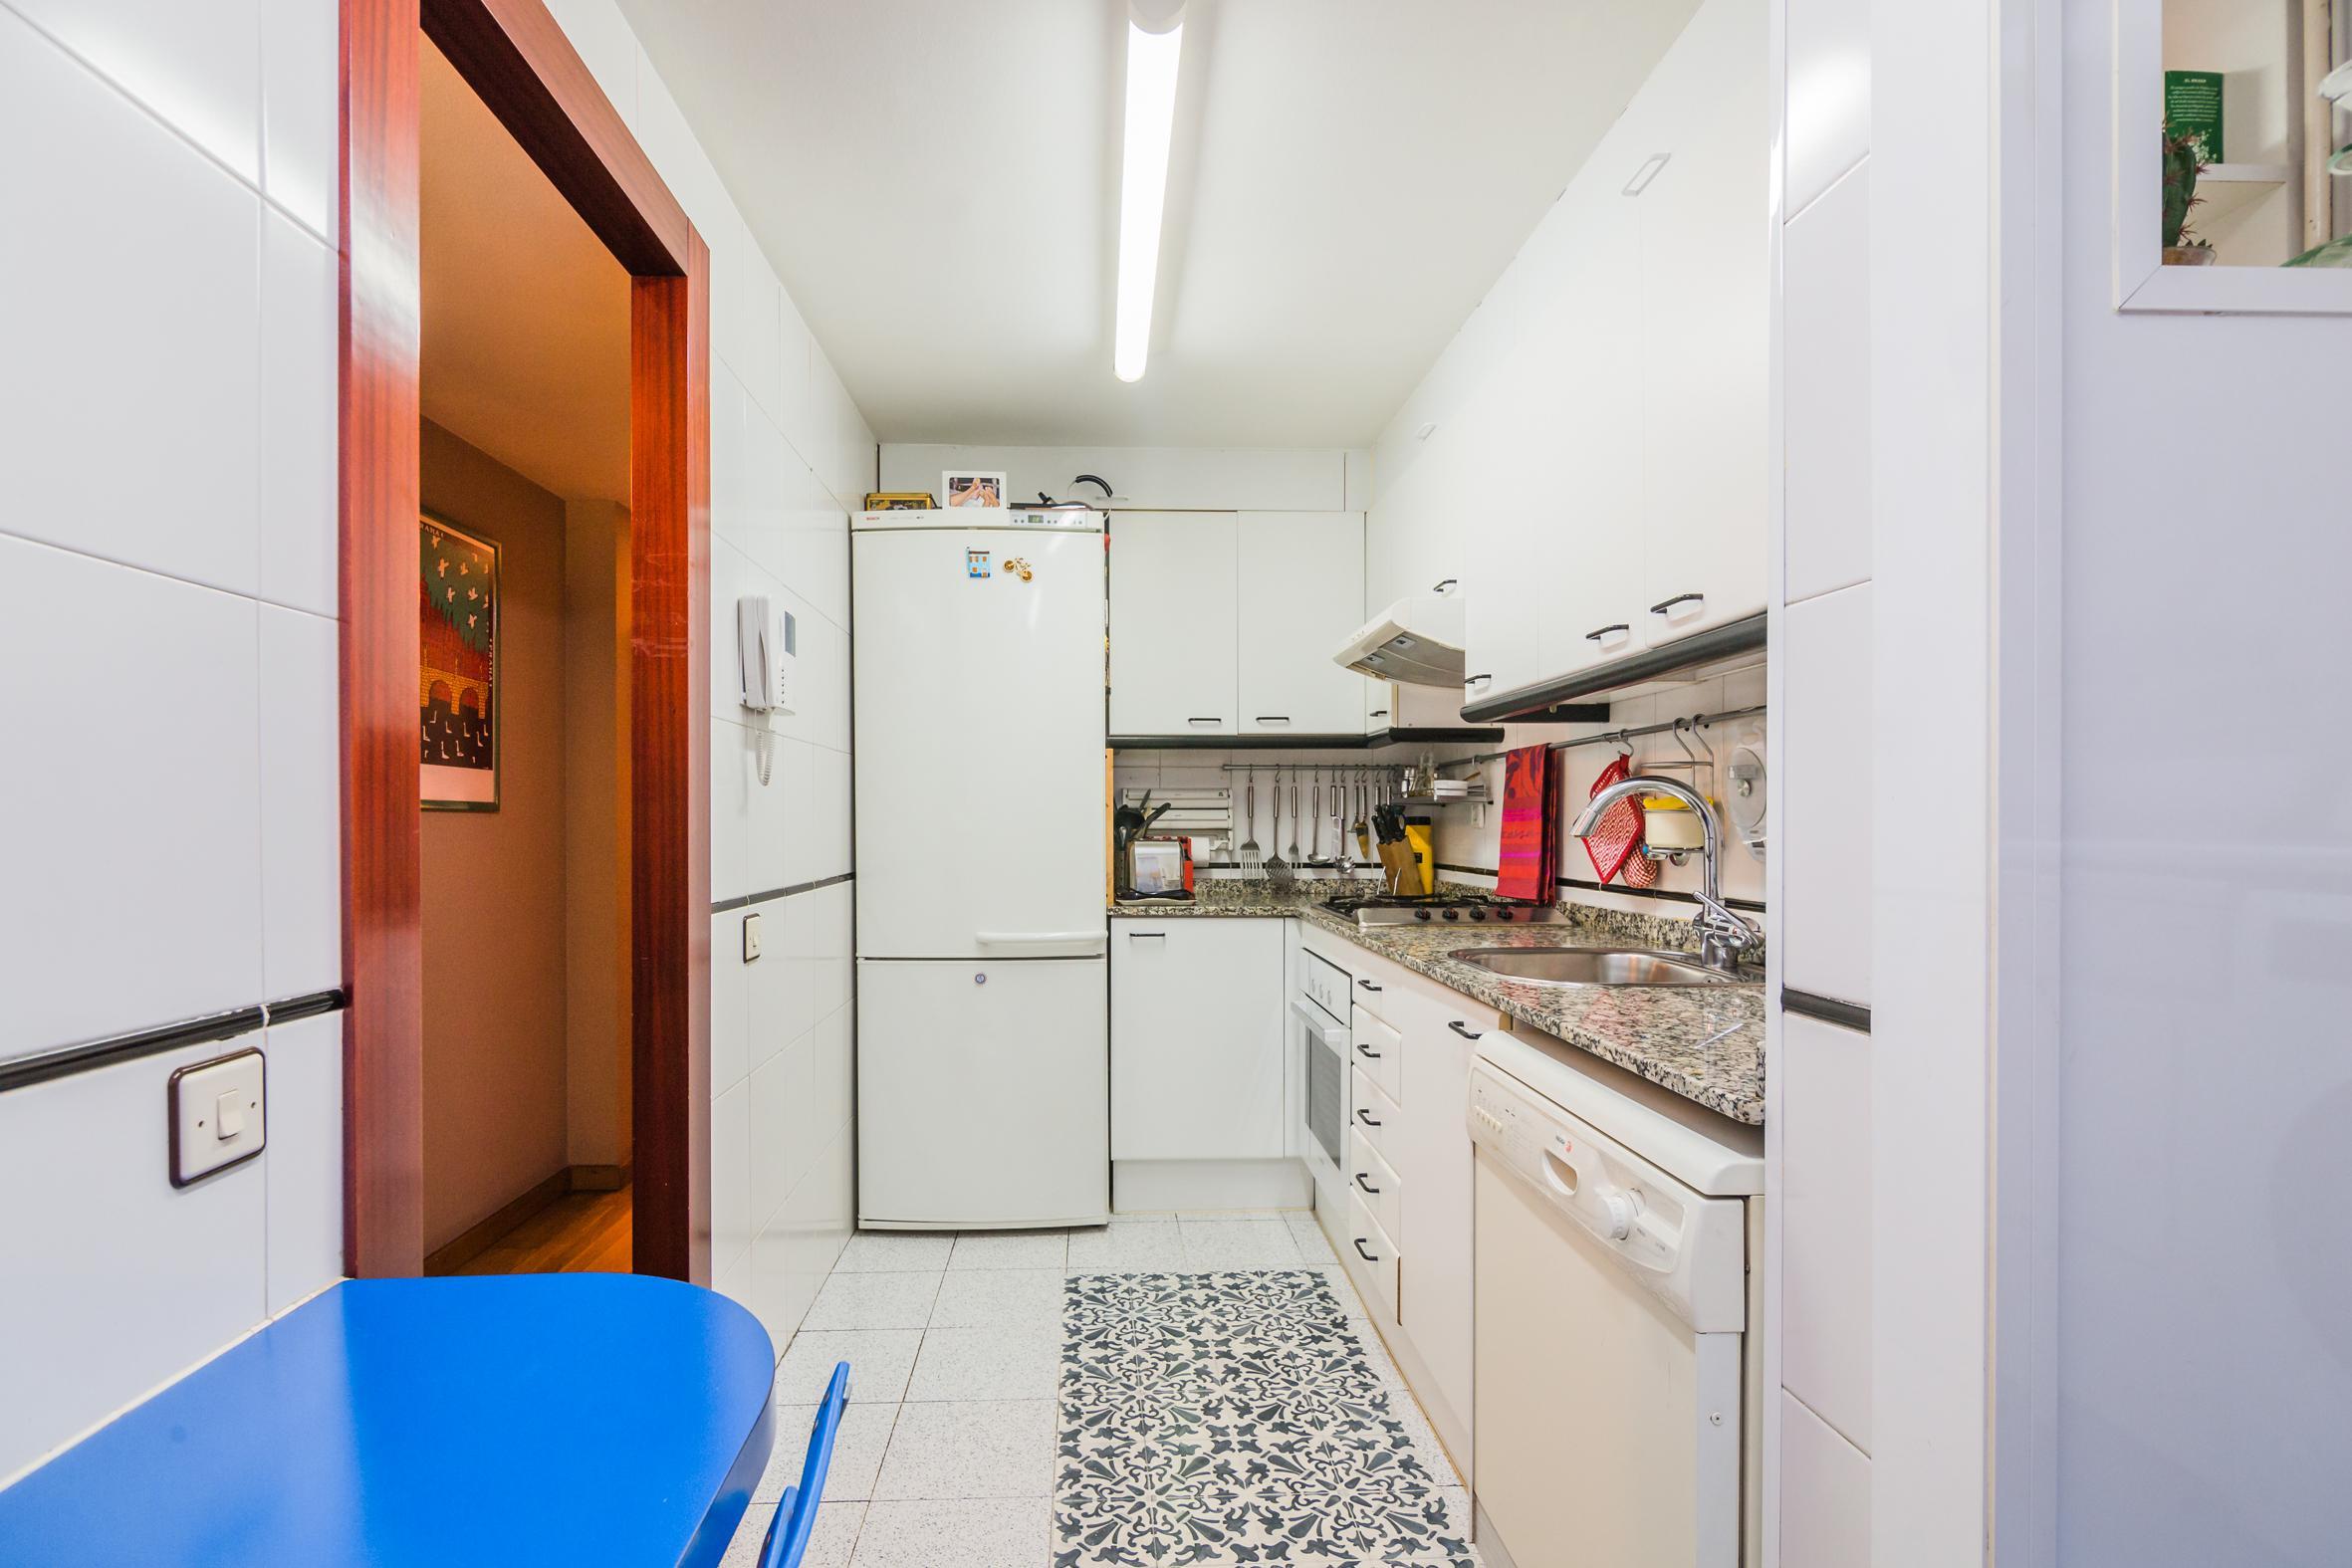 207314 Dúplex en venta en Gràcia, Vallcarca i els Penitents 7